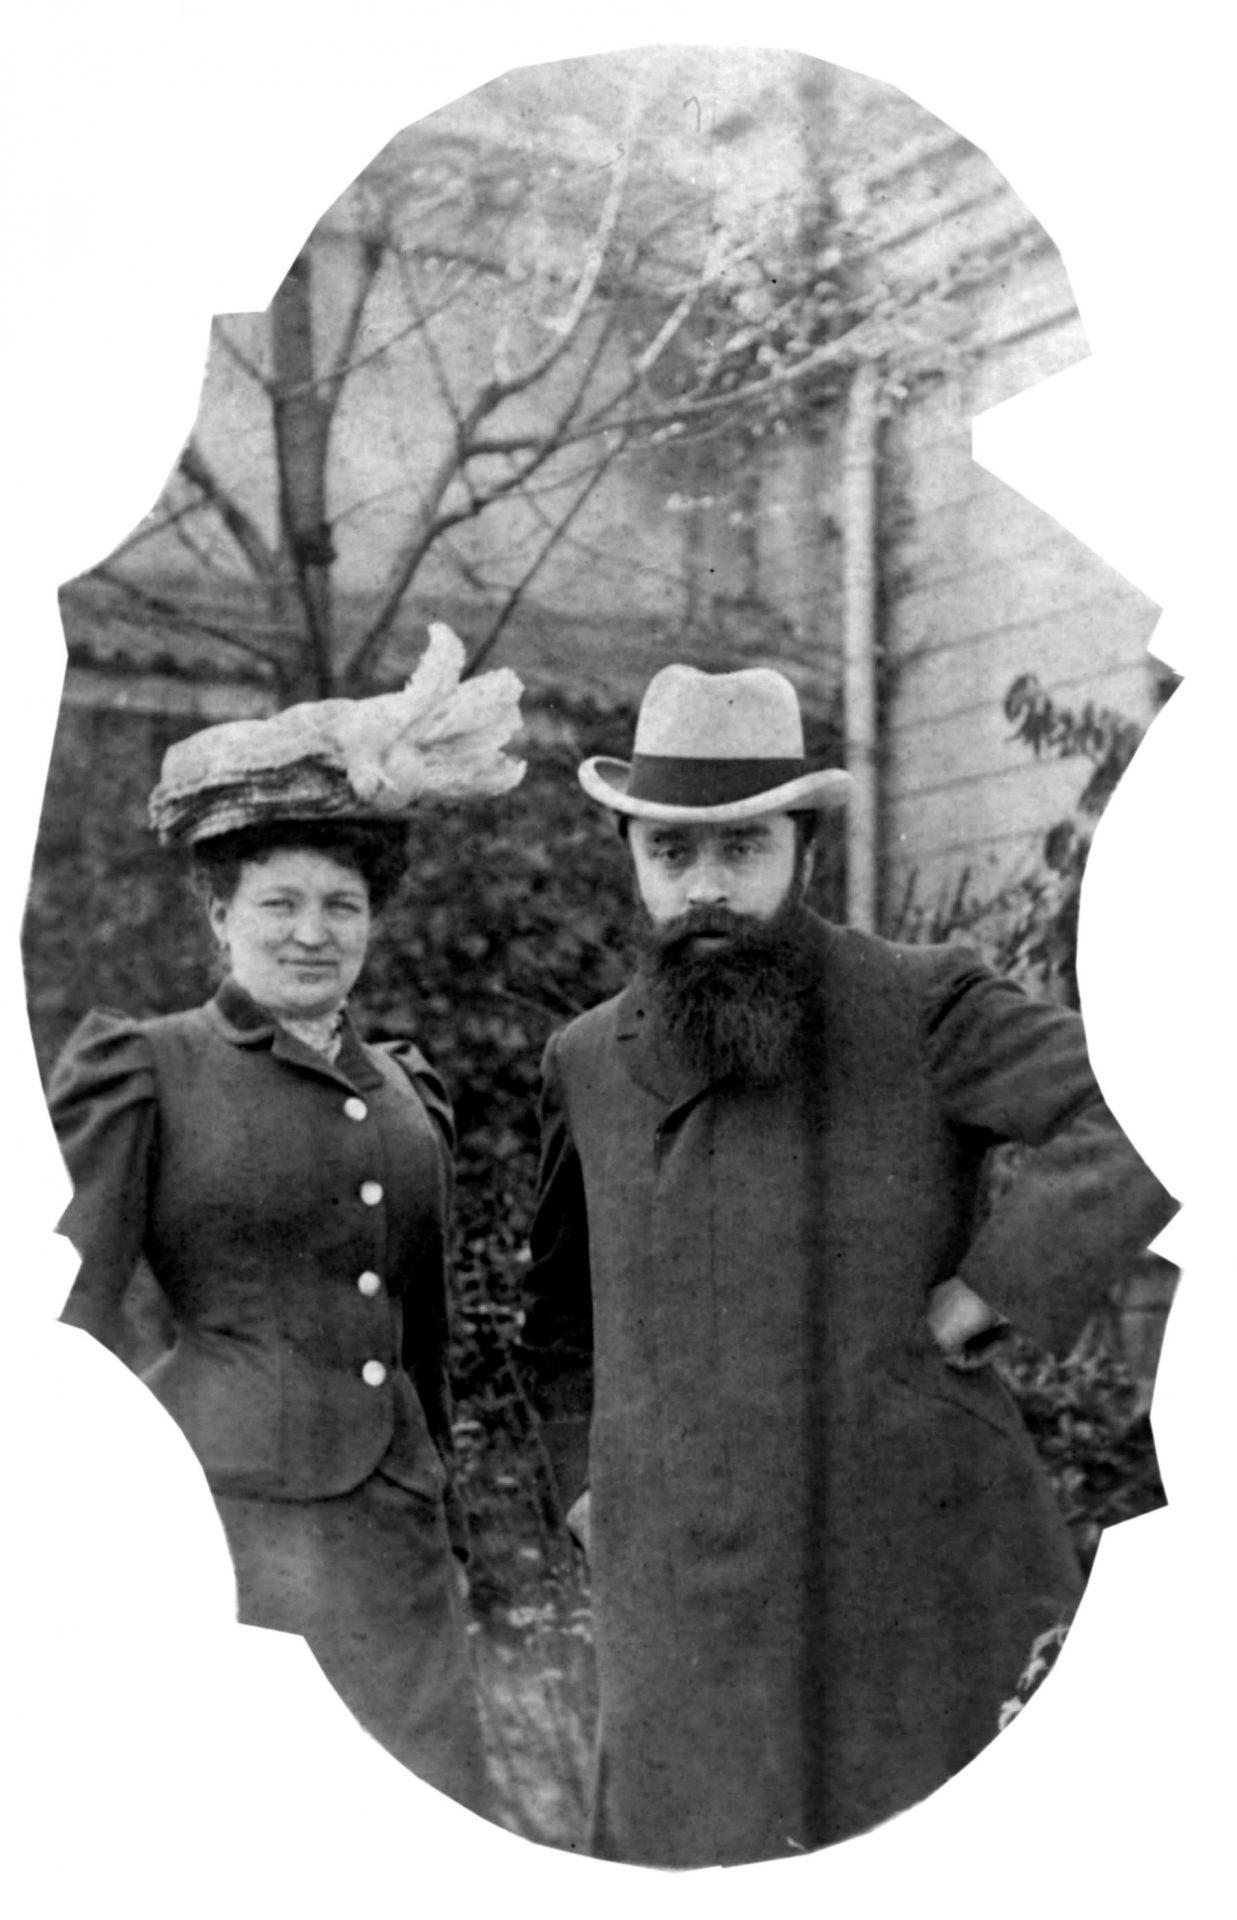 Alexandre Varenne en compagnie d'une dame